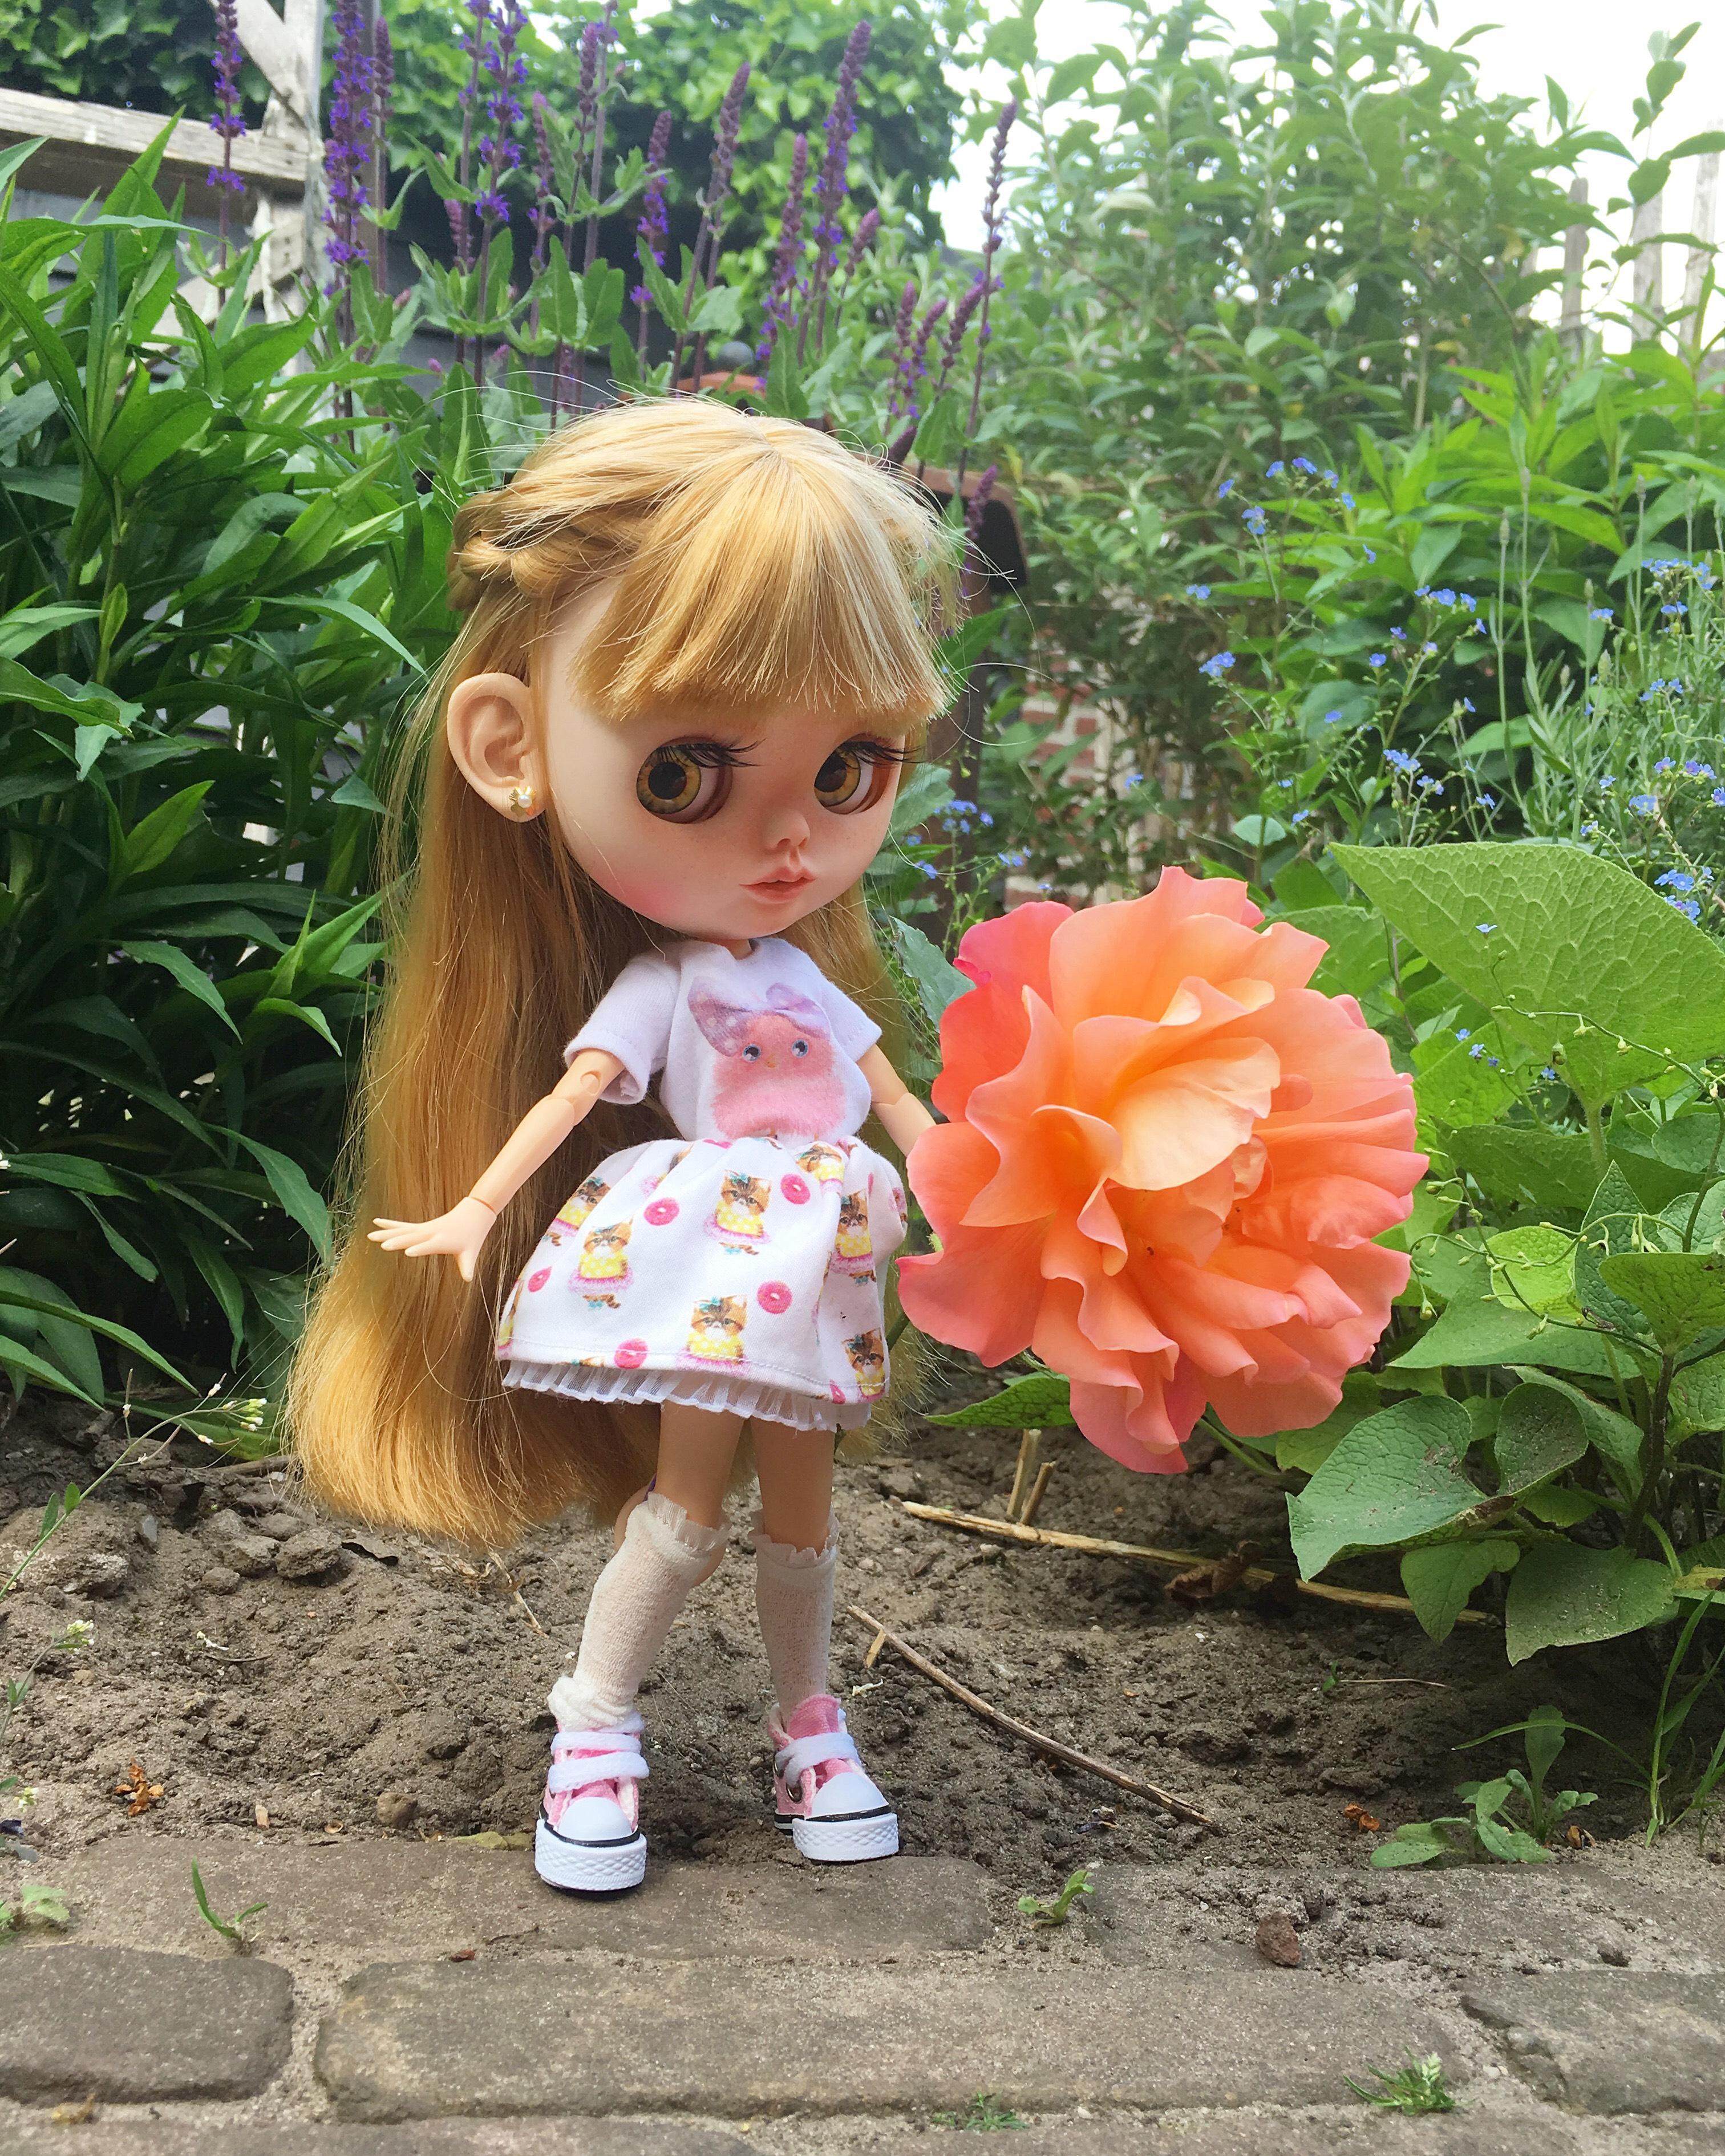 Fiep flower